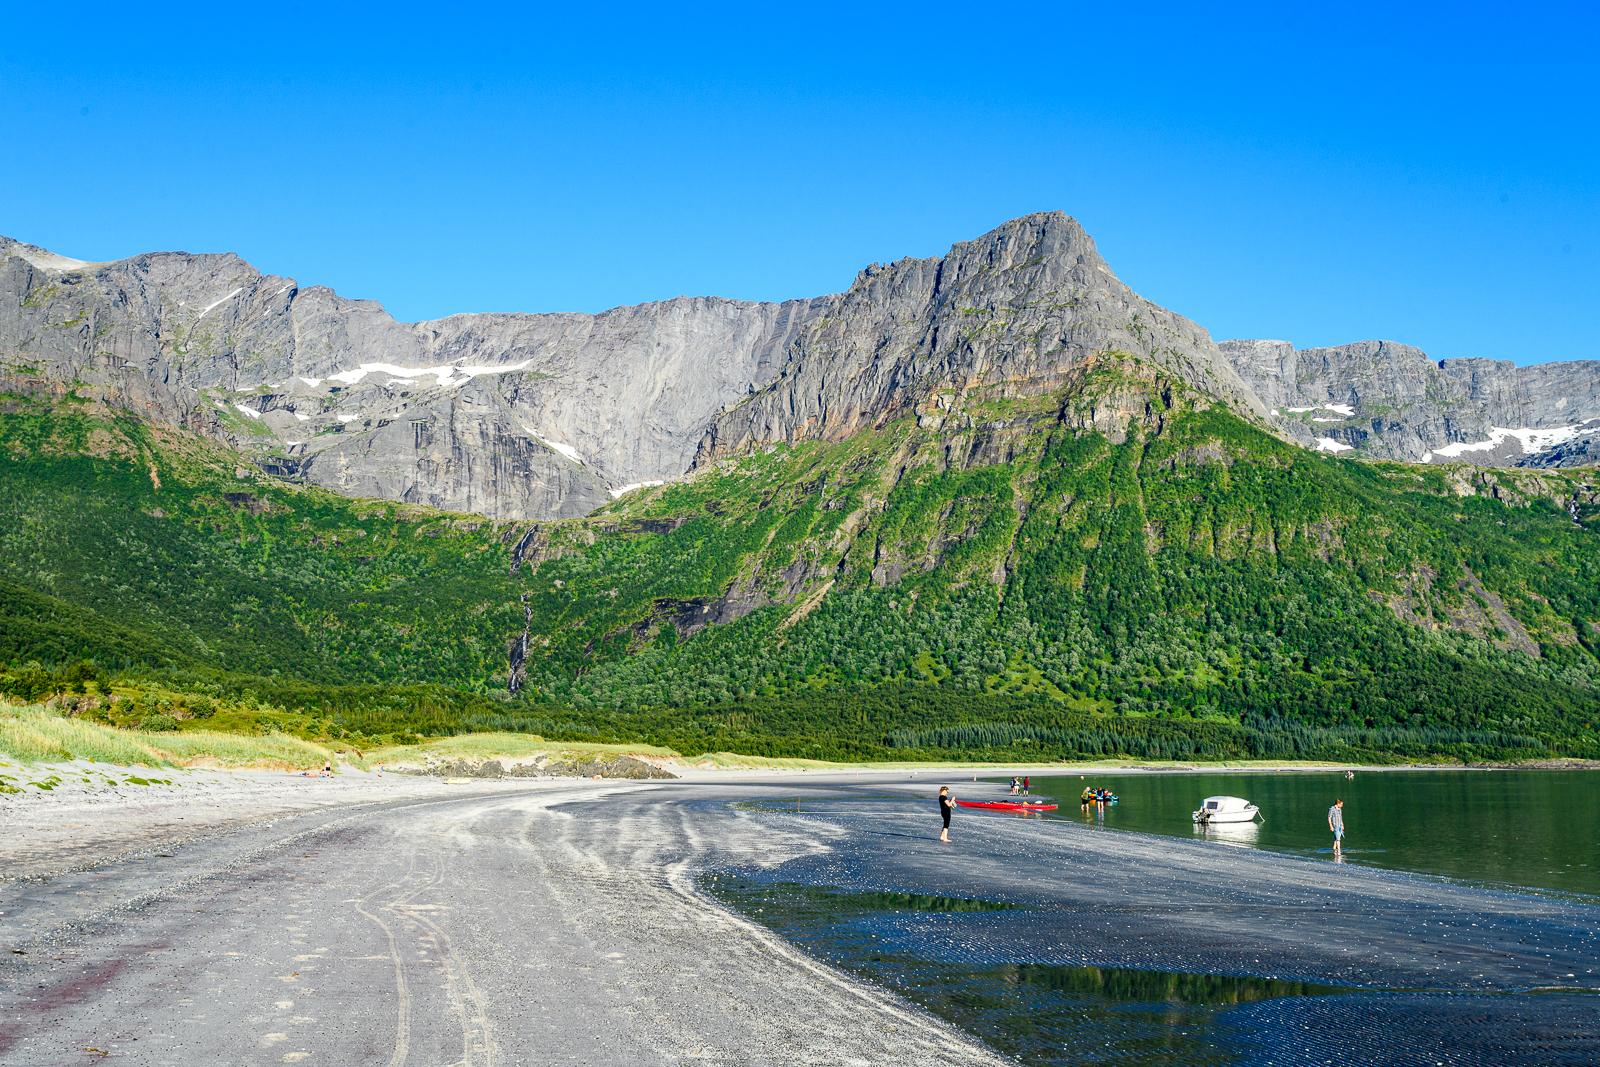 Kayaks at Brennviksanden, Steigen